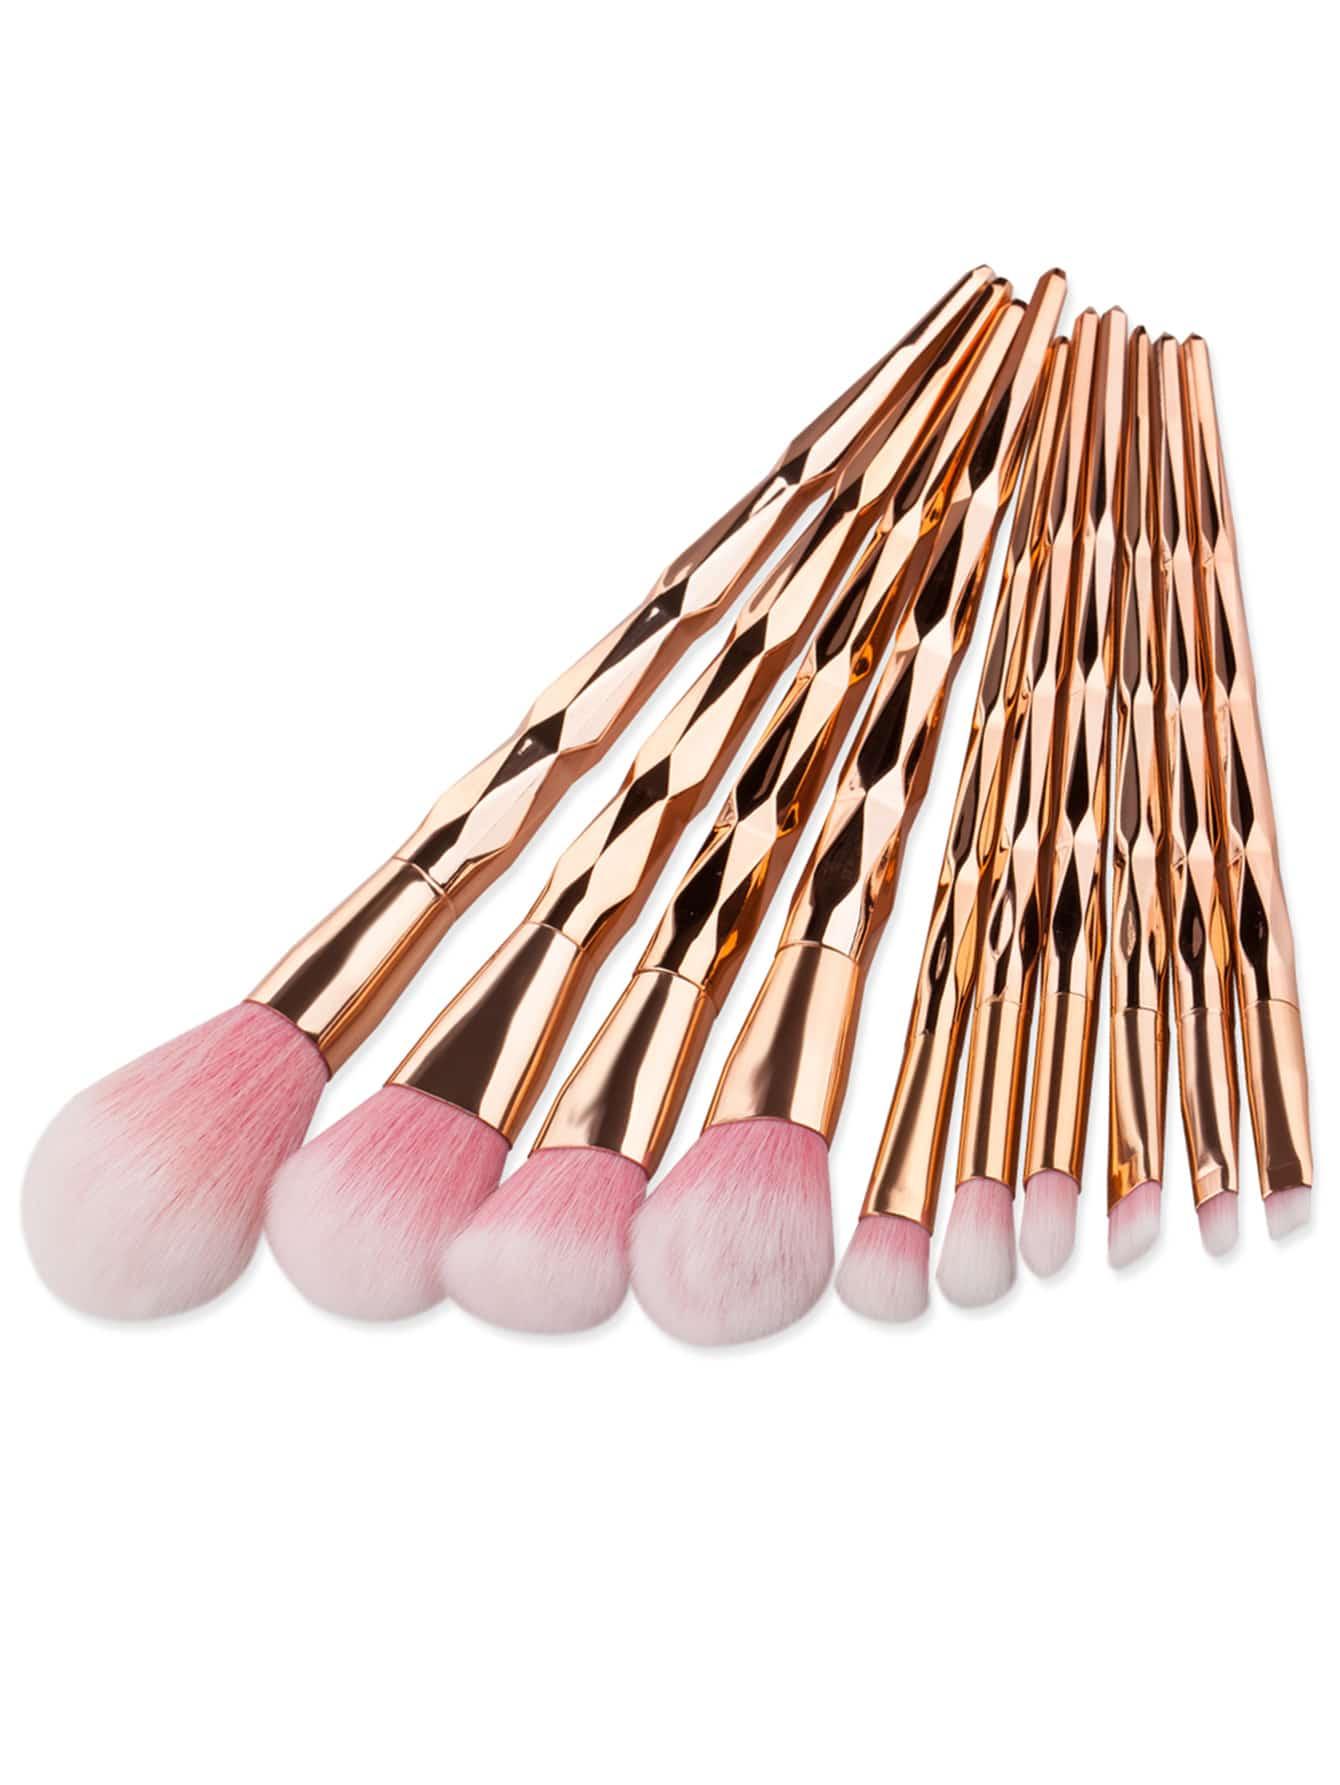 Фото Gold Diamond Textured Makeup Brush Set. Купить с доставкой